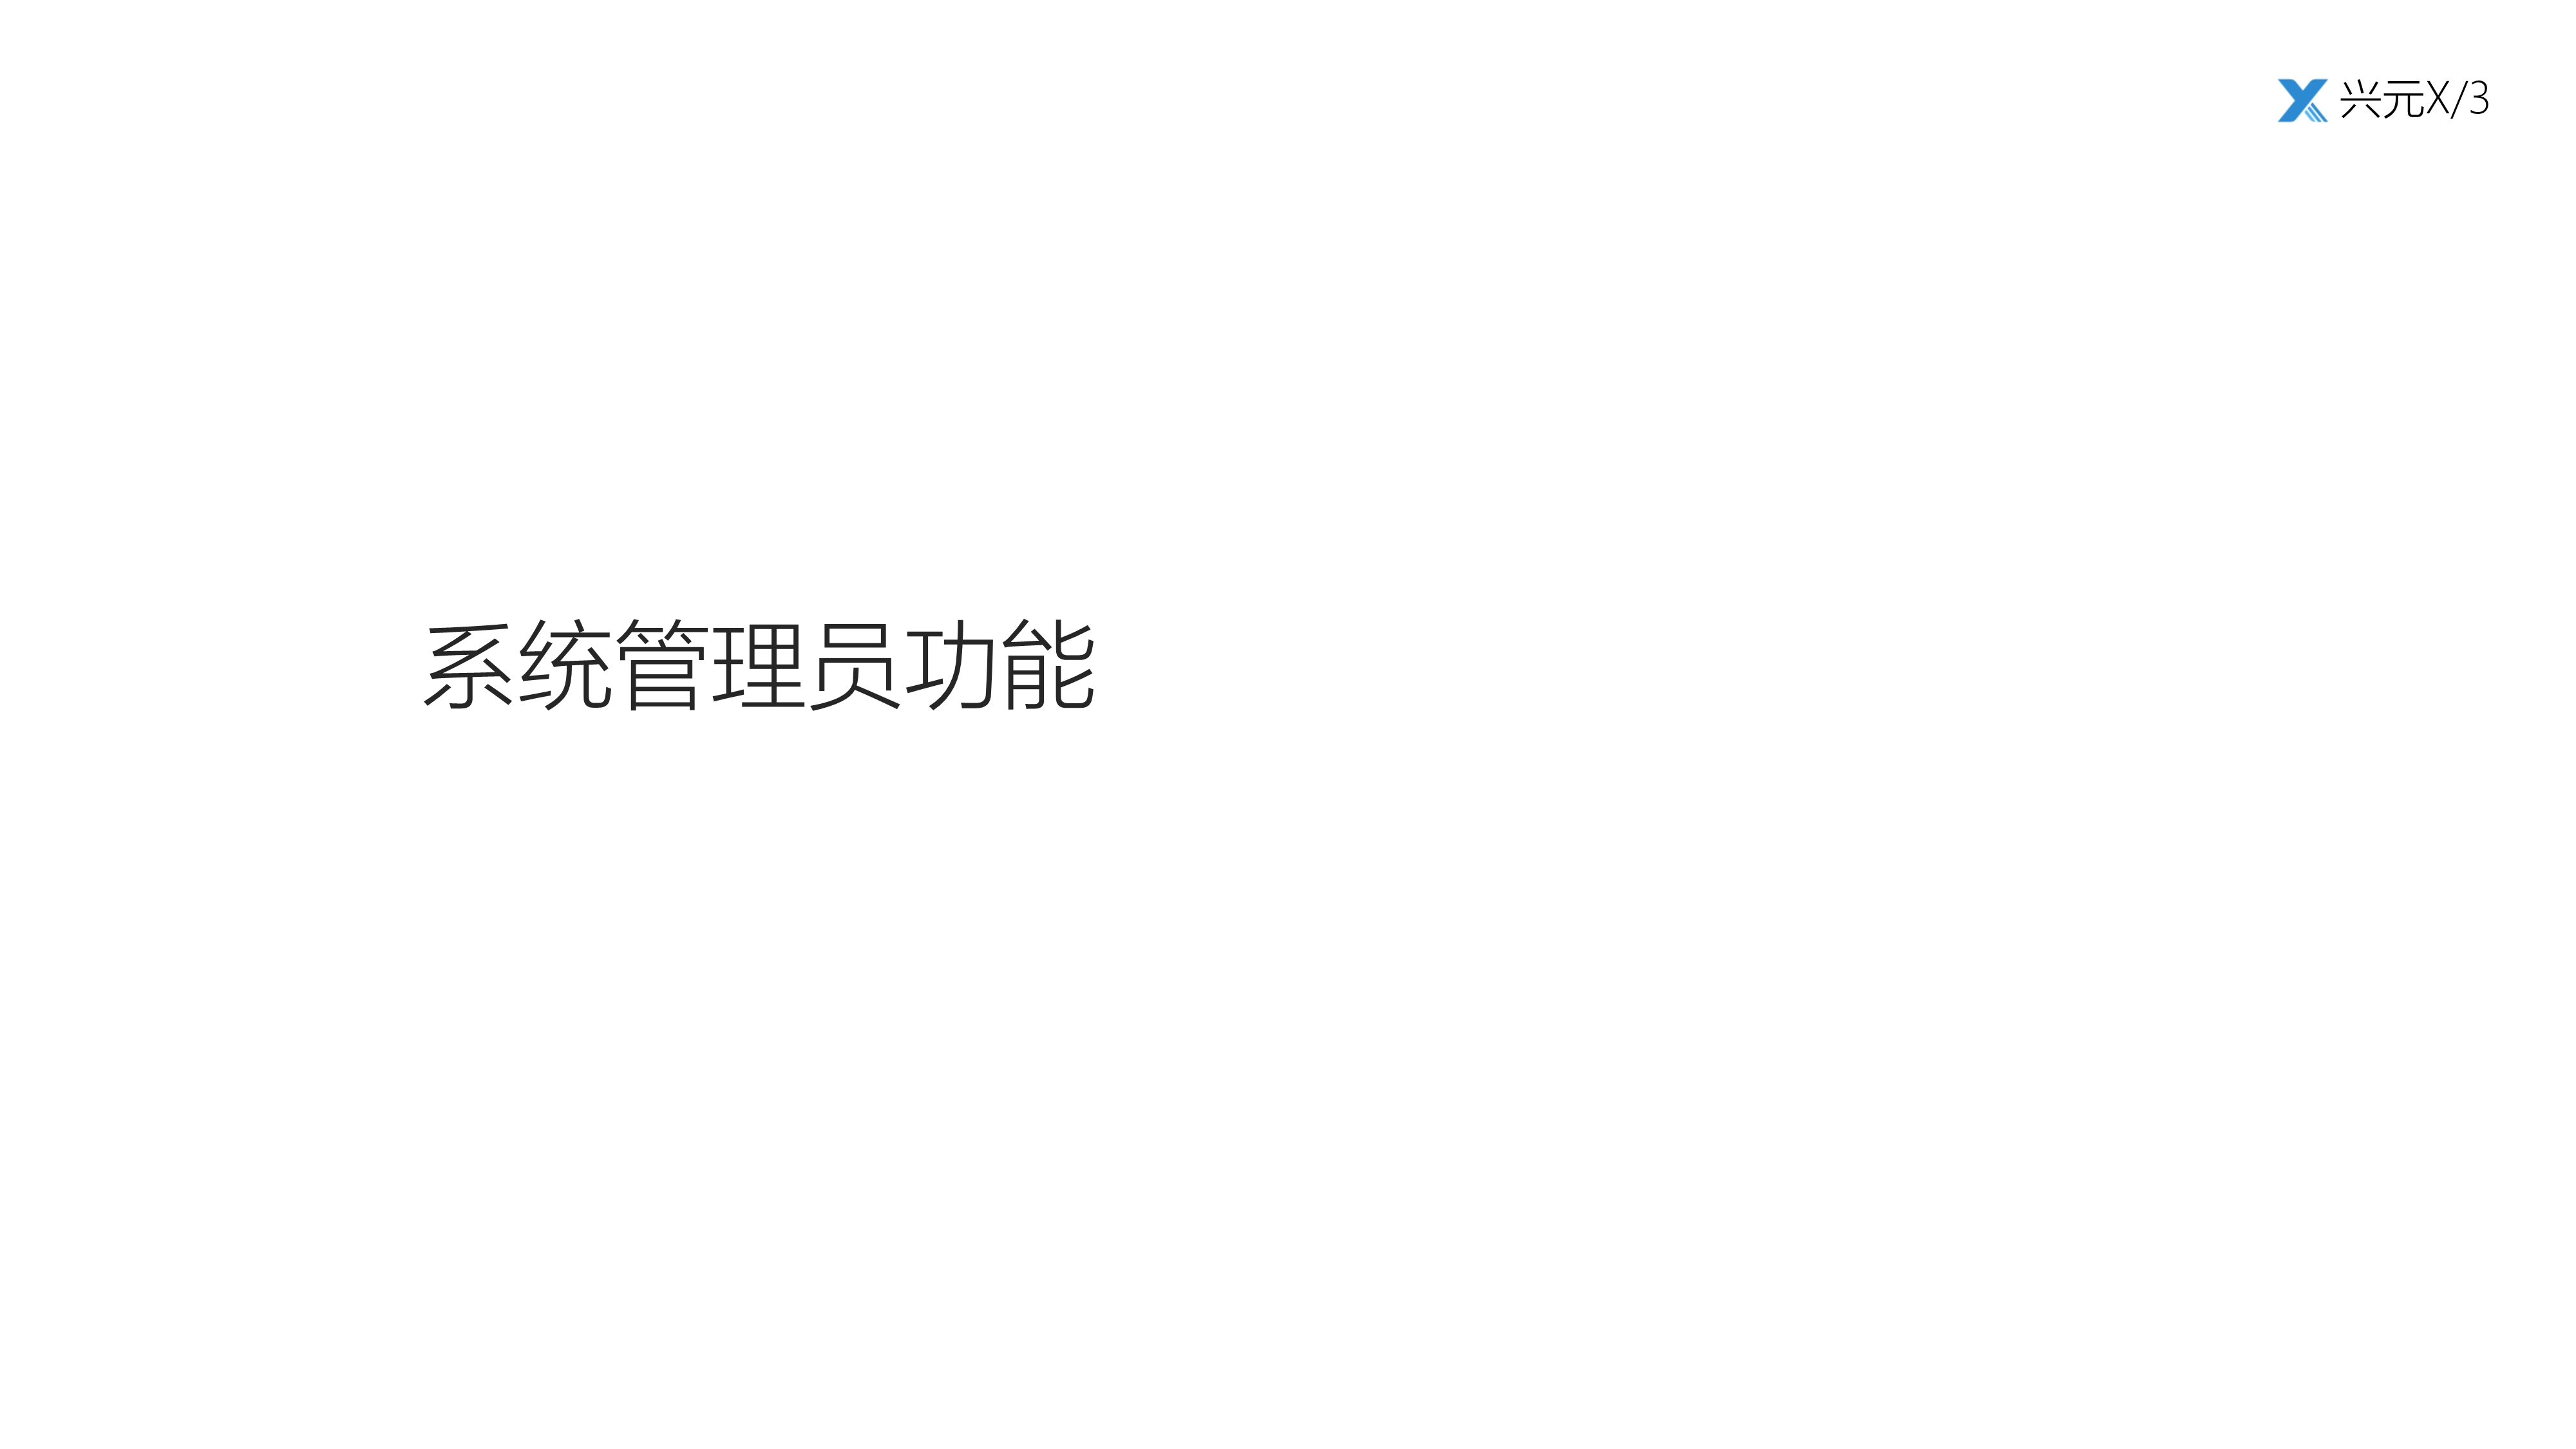 011809350146_0兴元财务管理报销软件_8.Jpeg